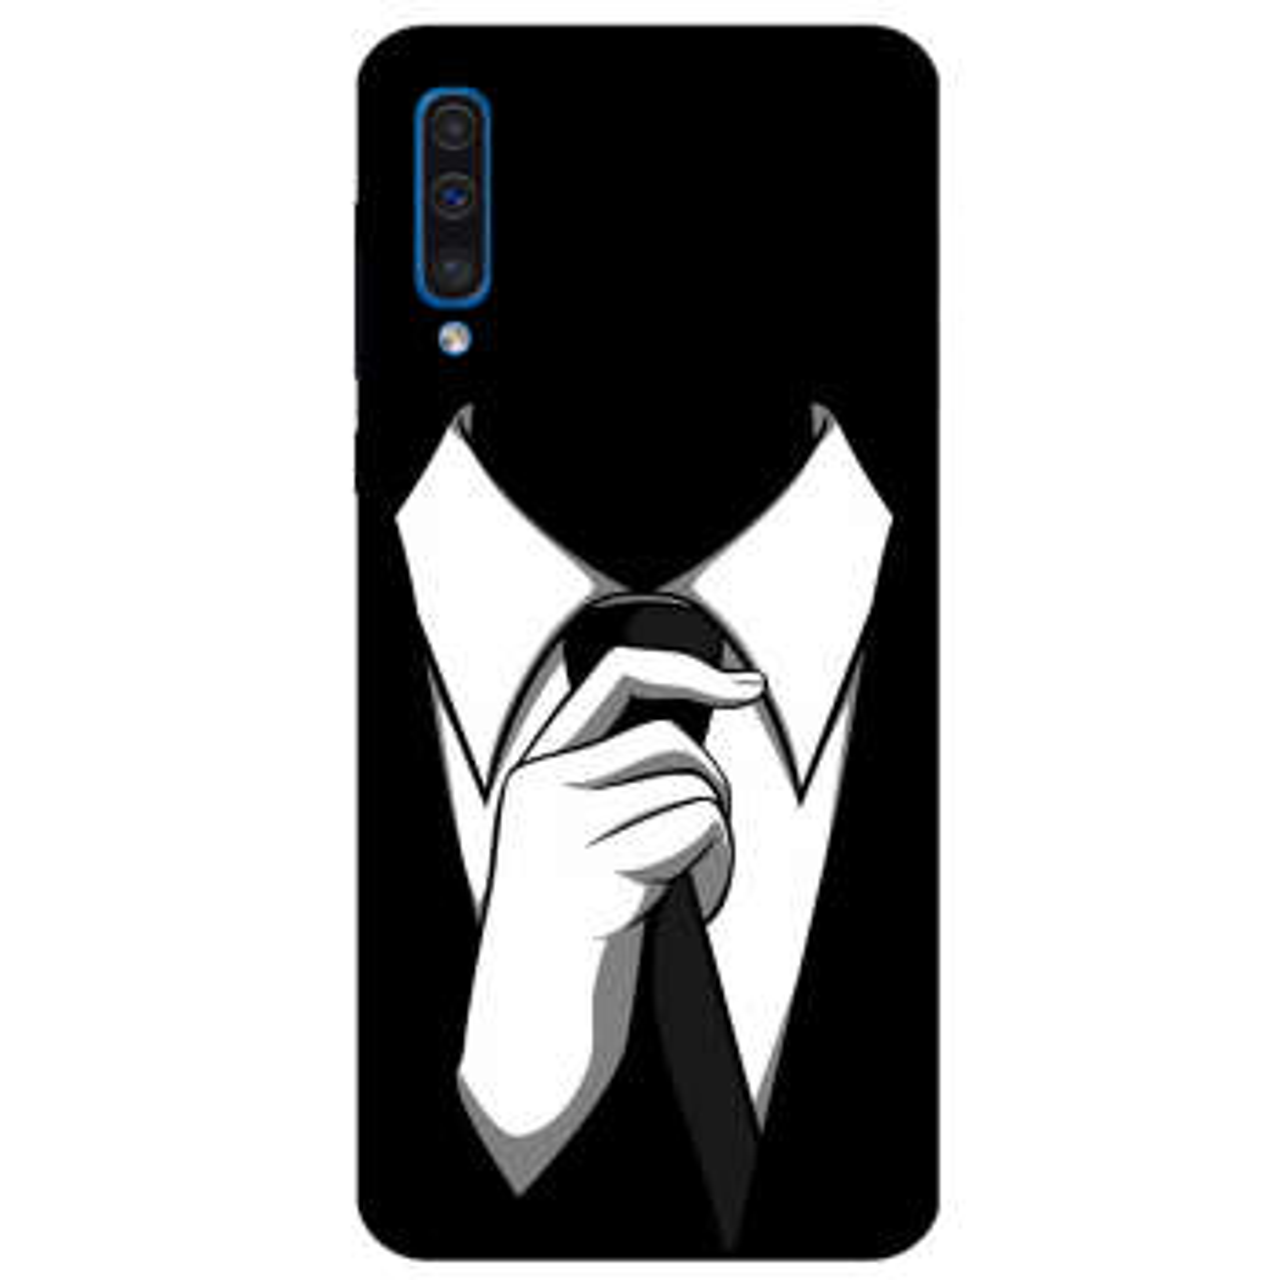 کاور کی اچ کد 7131 مناسب برای گوشی موبایل سامسونگ Galaxy A70 2019